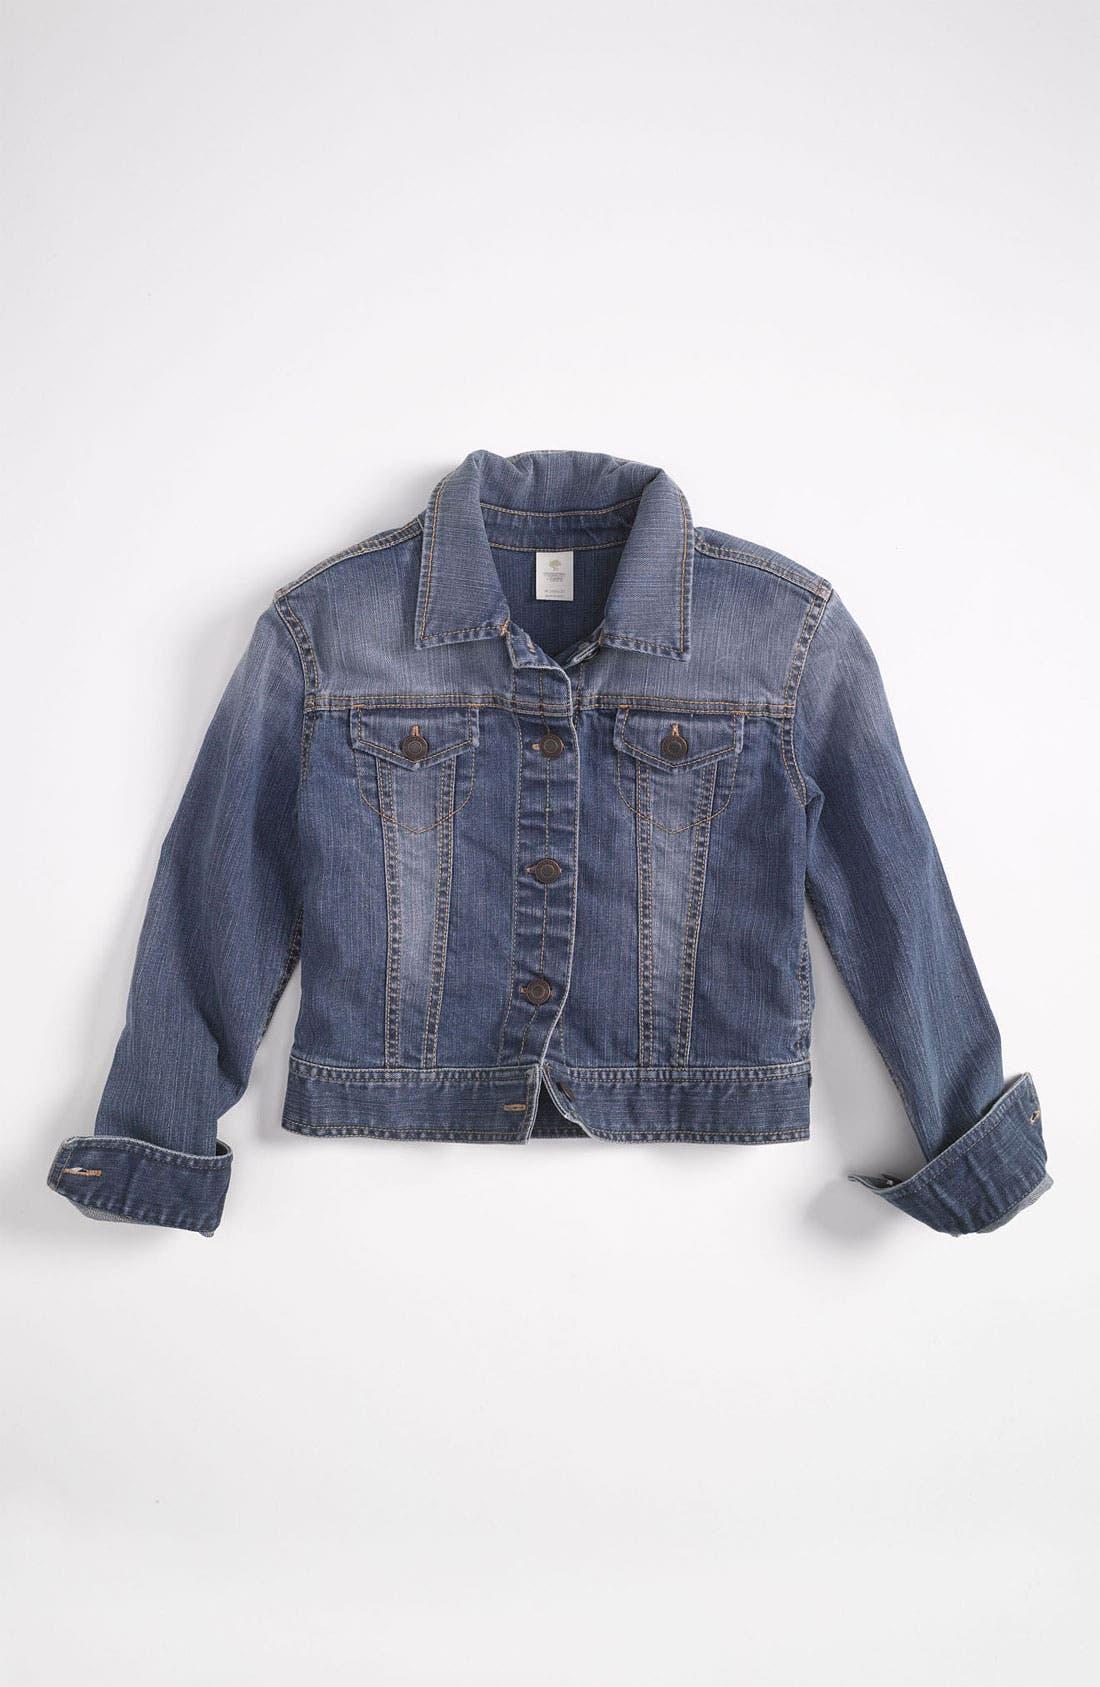 Main Image - Tucker + Tate Denim Jacket (Toddler)